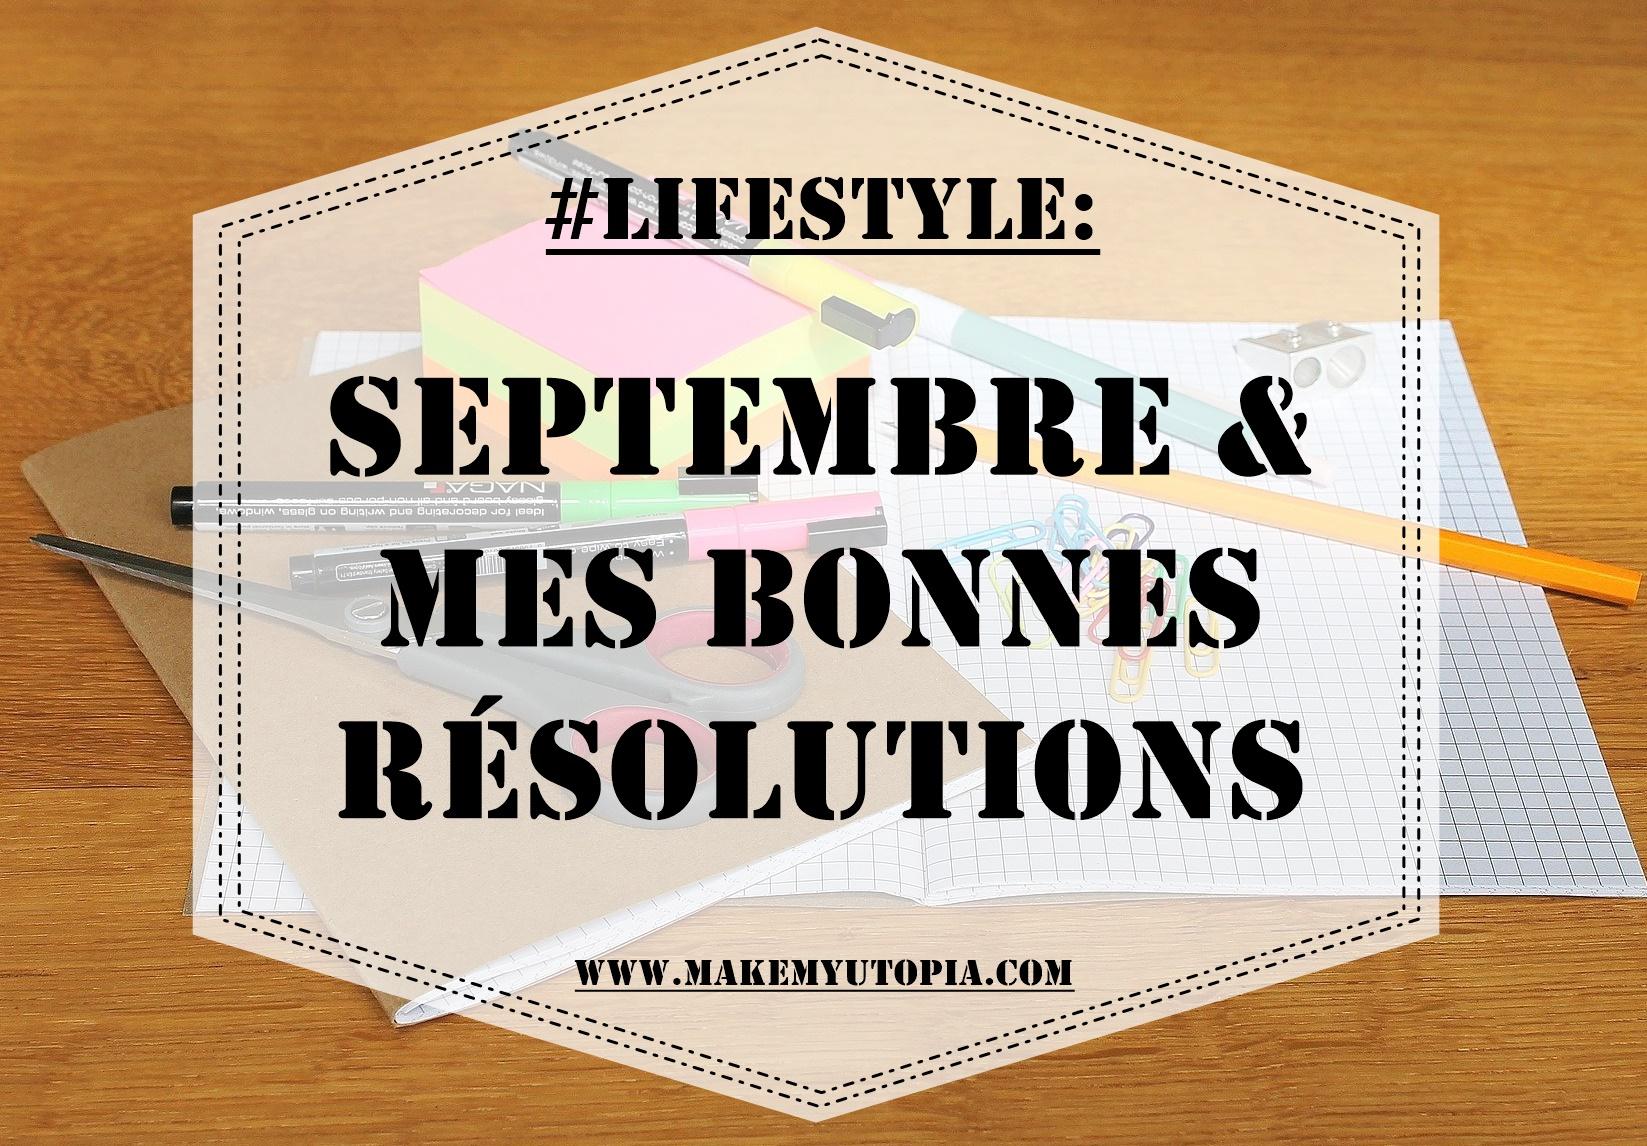 #lifestyle résolutions objectifs septembre www.makemyutopia.com